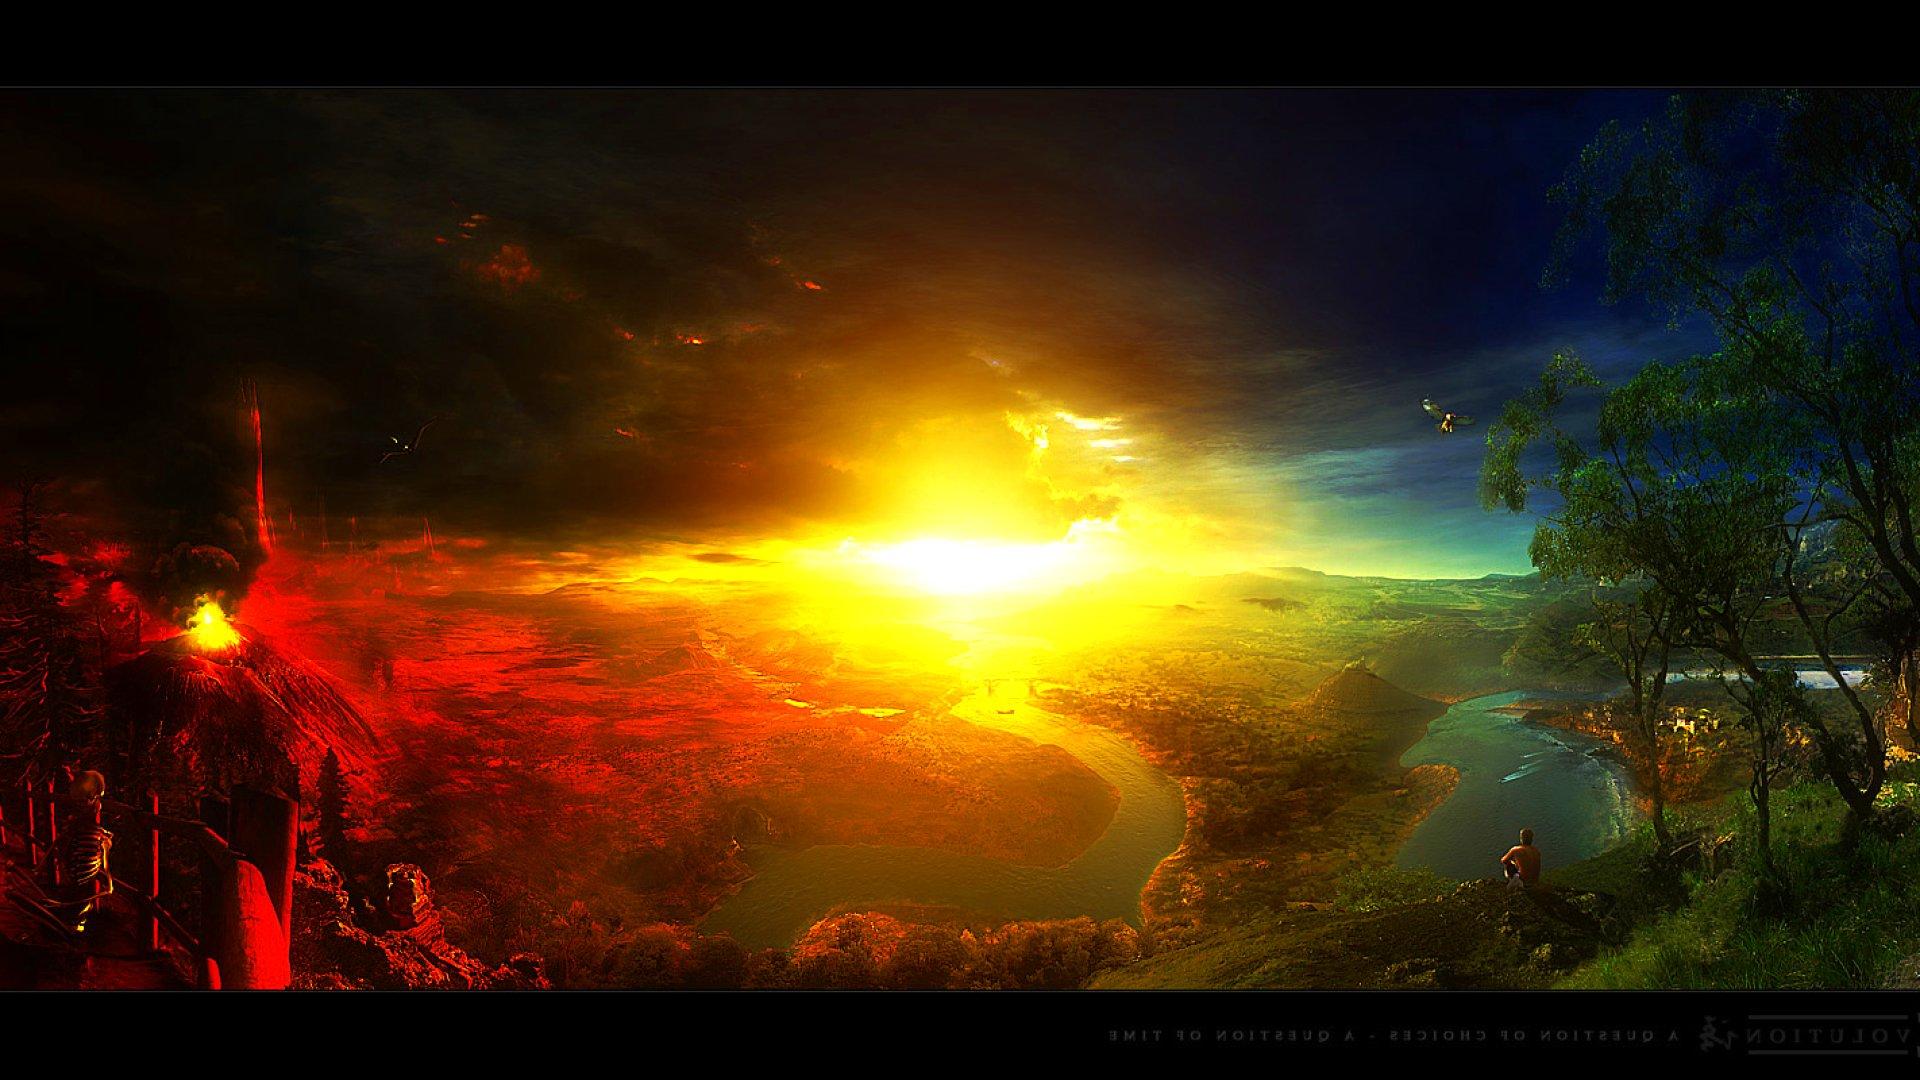 стрижки красивые фото ада и рая то